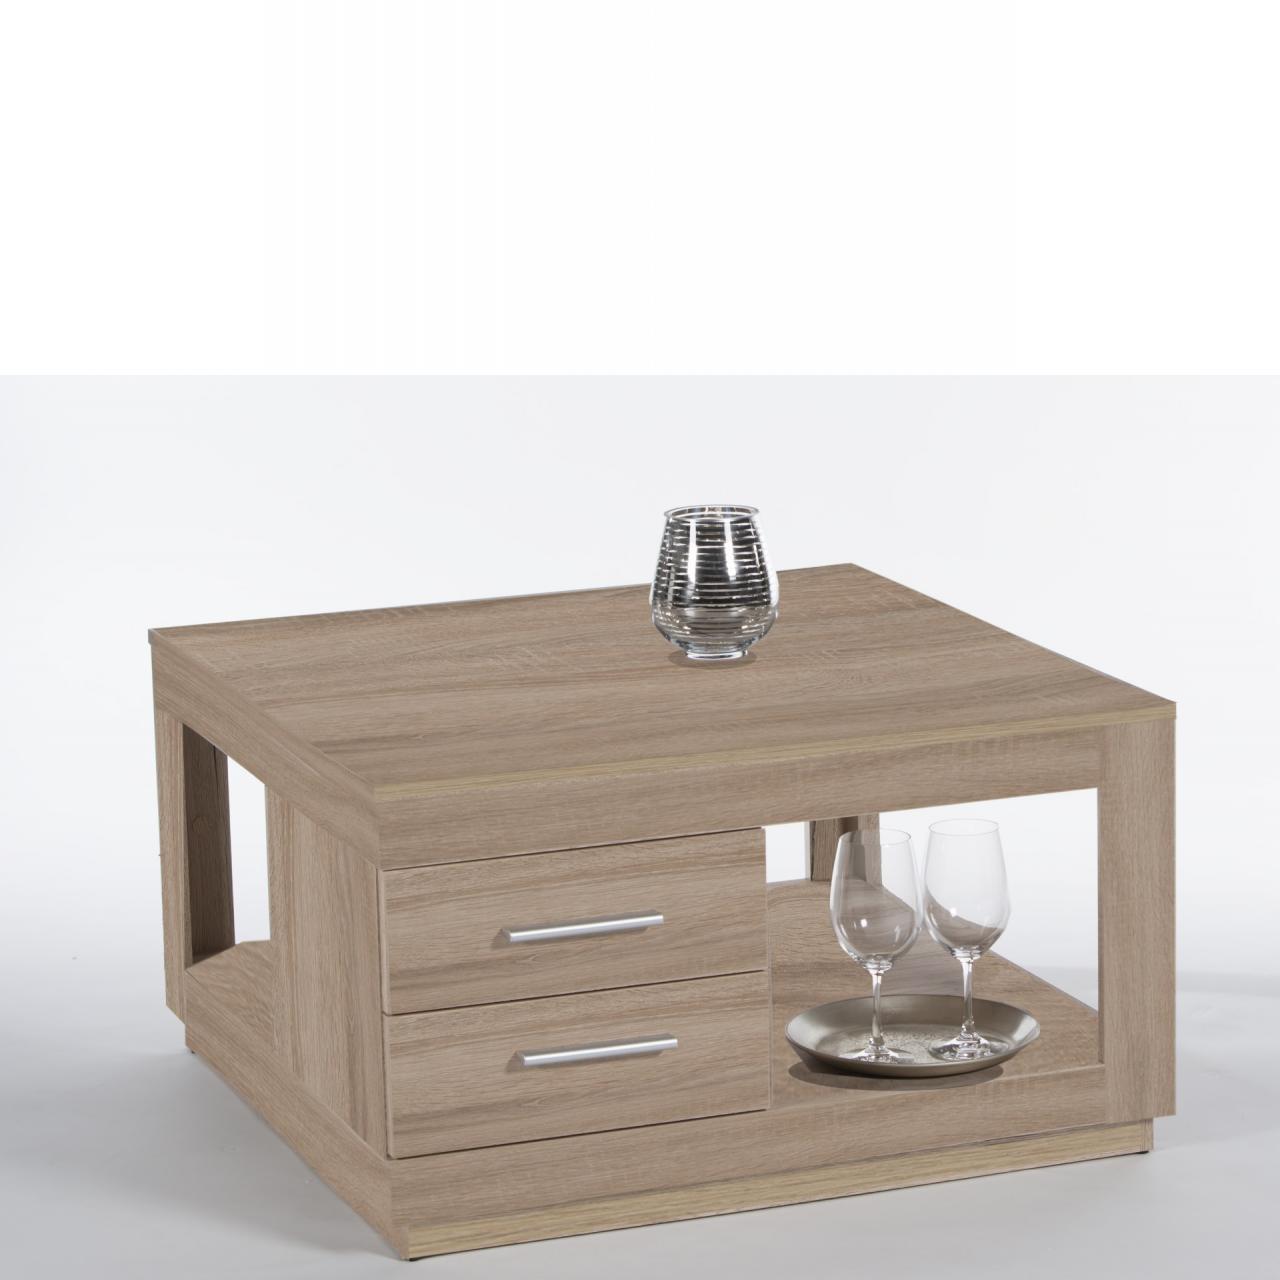 Malfa MLFT12D55  Couchtische  Wohnzimmermöbel  Wohnen